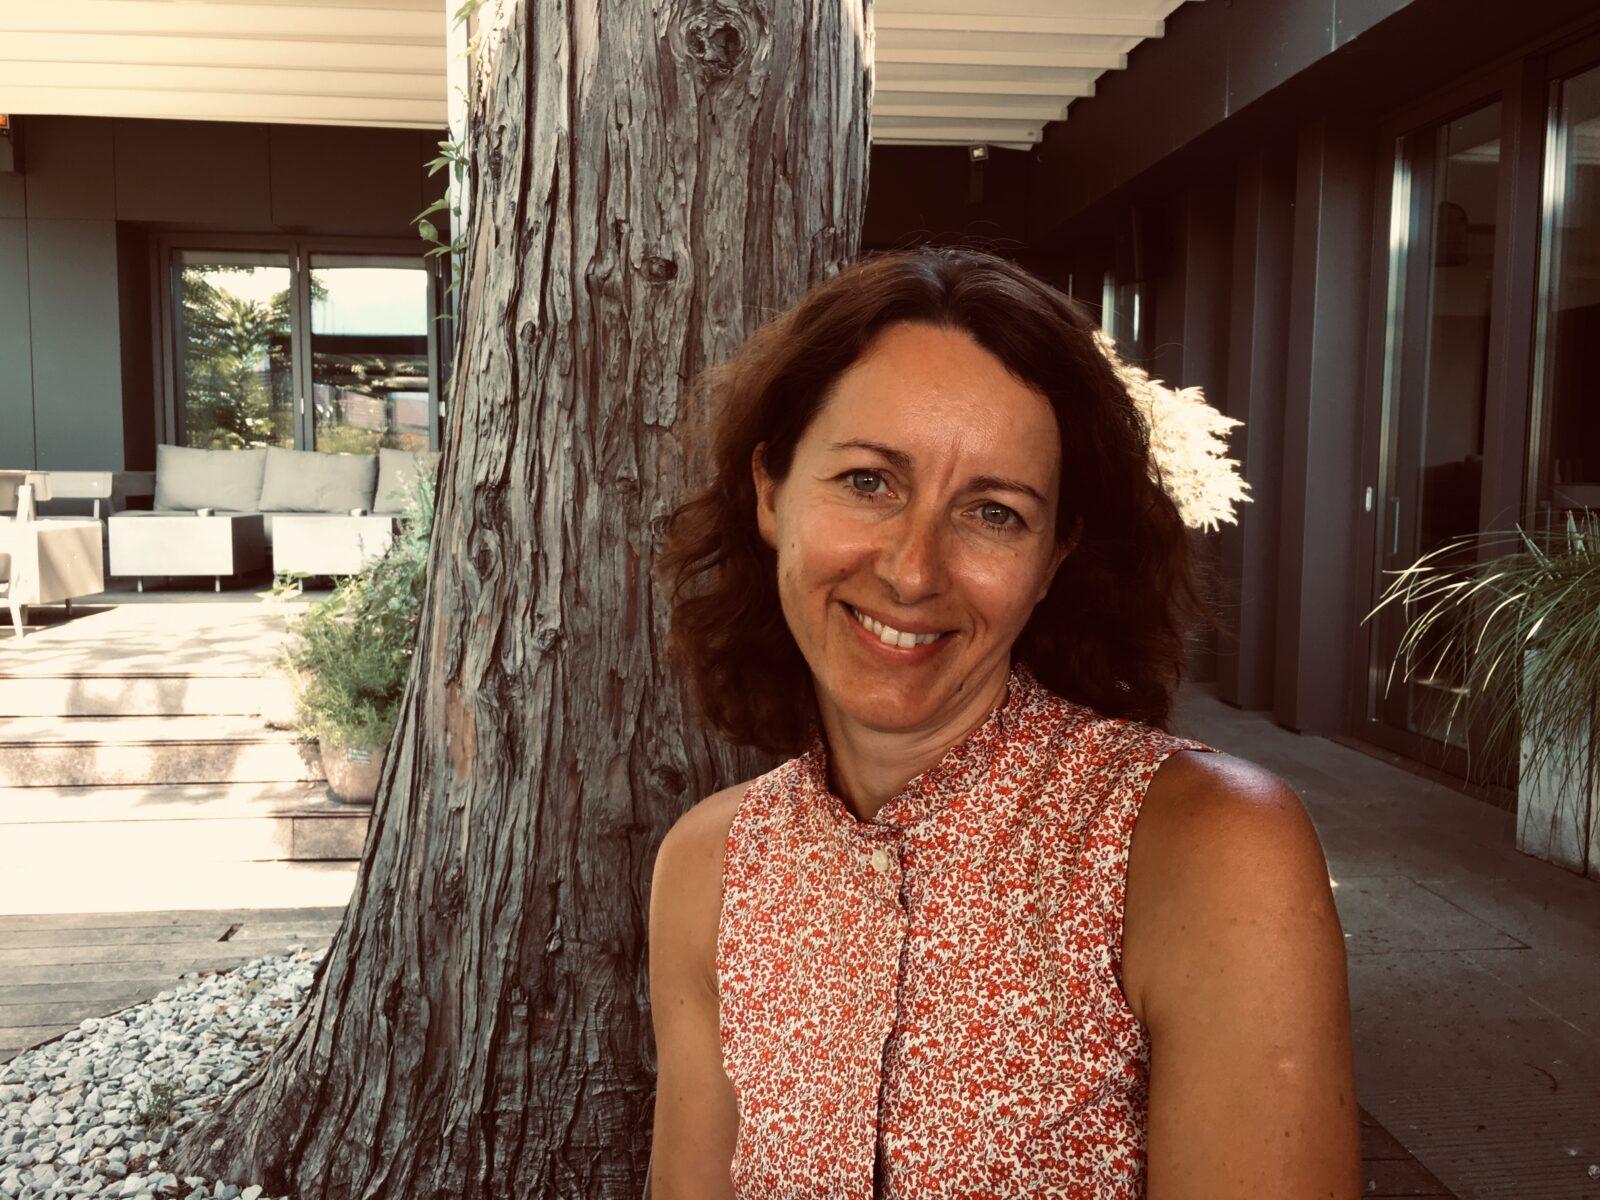 Tatjana Trcek